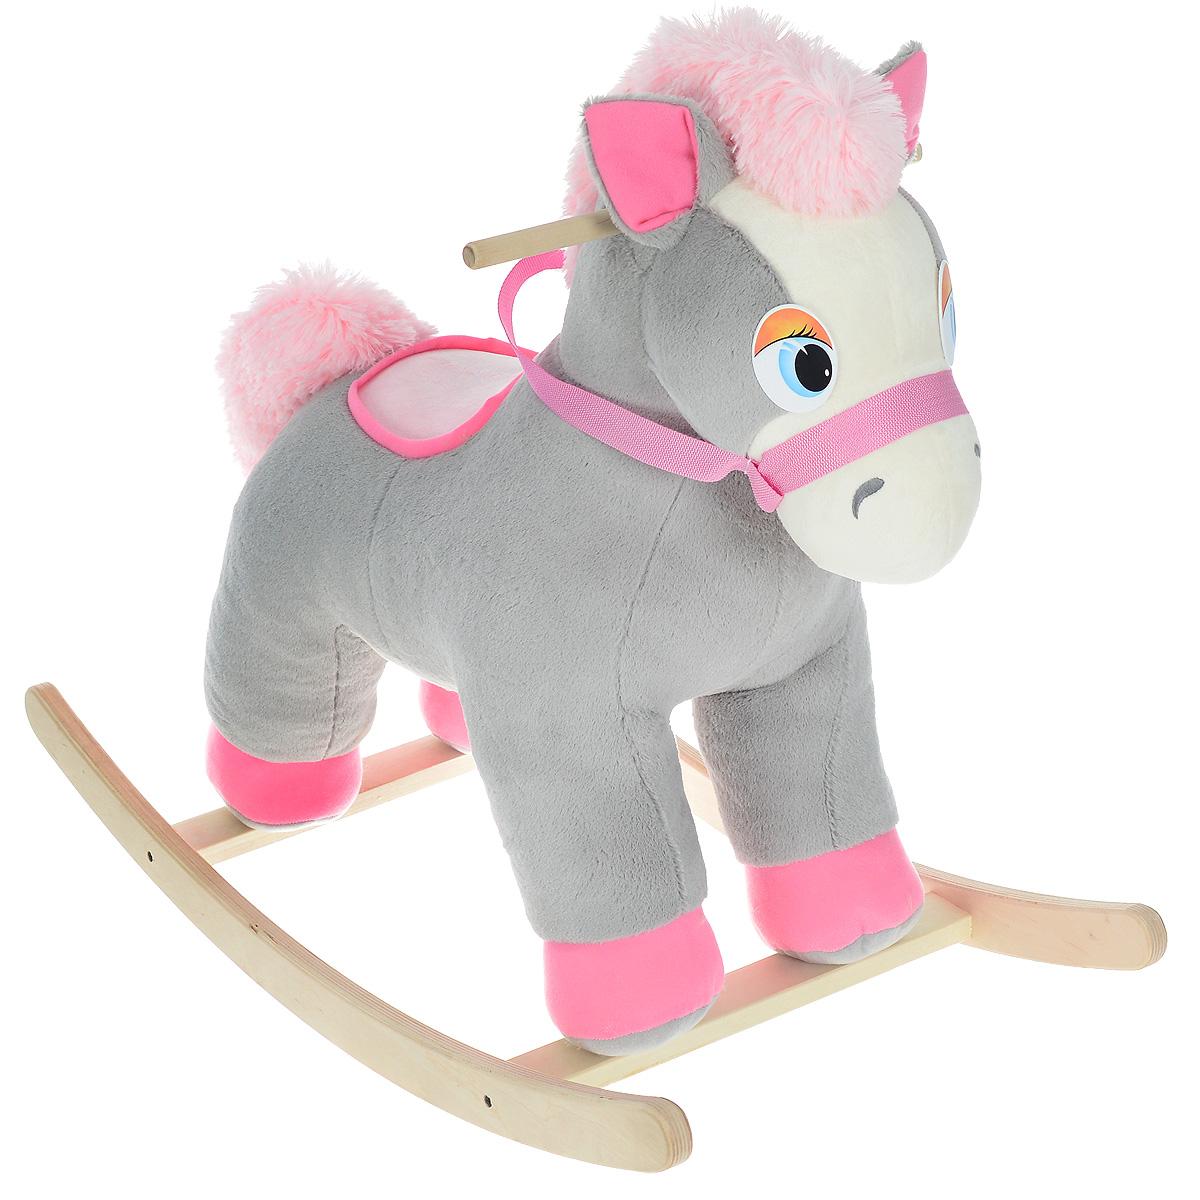 Качалка Fancy  Коник Риччи , цвет: серый, розовый, белый, 76 см х 39 см х 60 см -  Ходунки, прыгунки, качалки